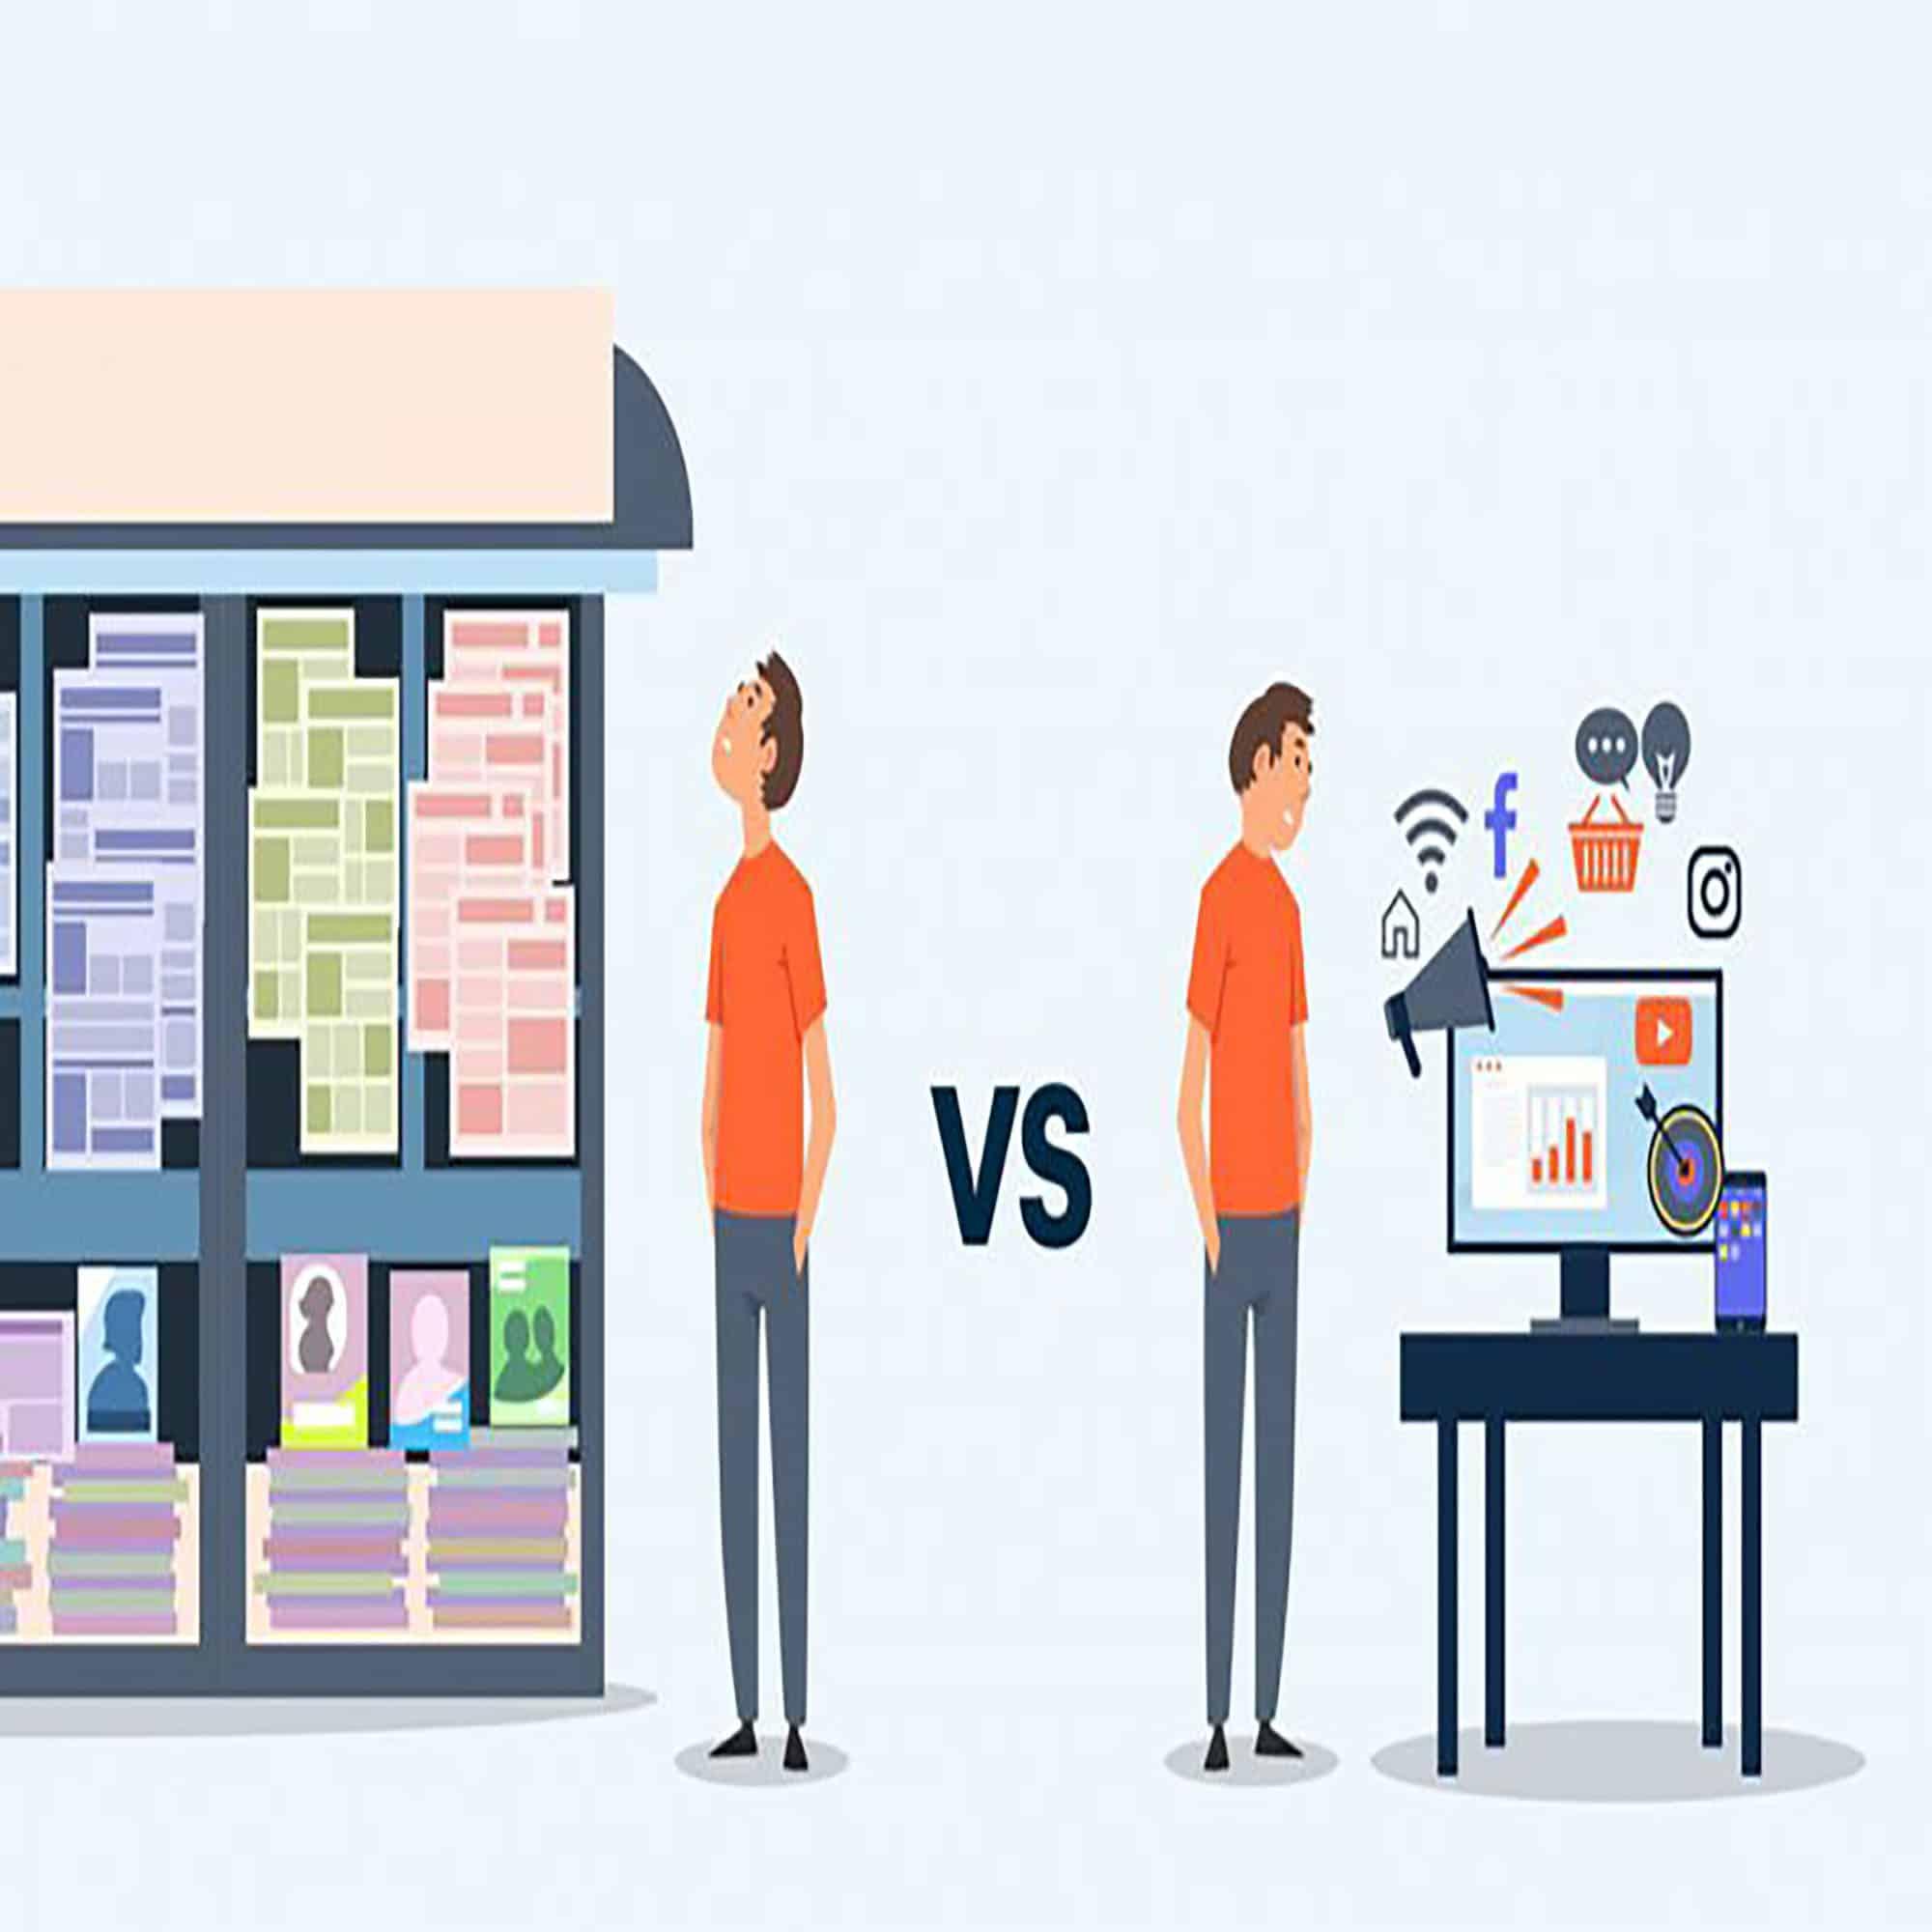 مقایسه ی بازاریابی اینترنتی و تبلیغات سنتی